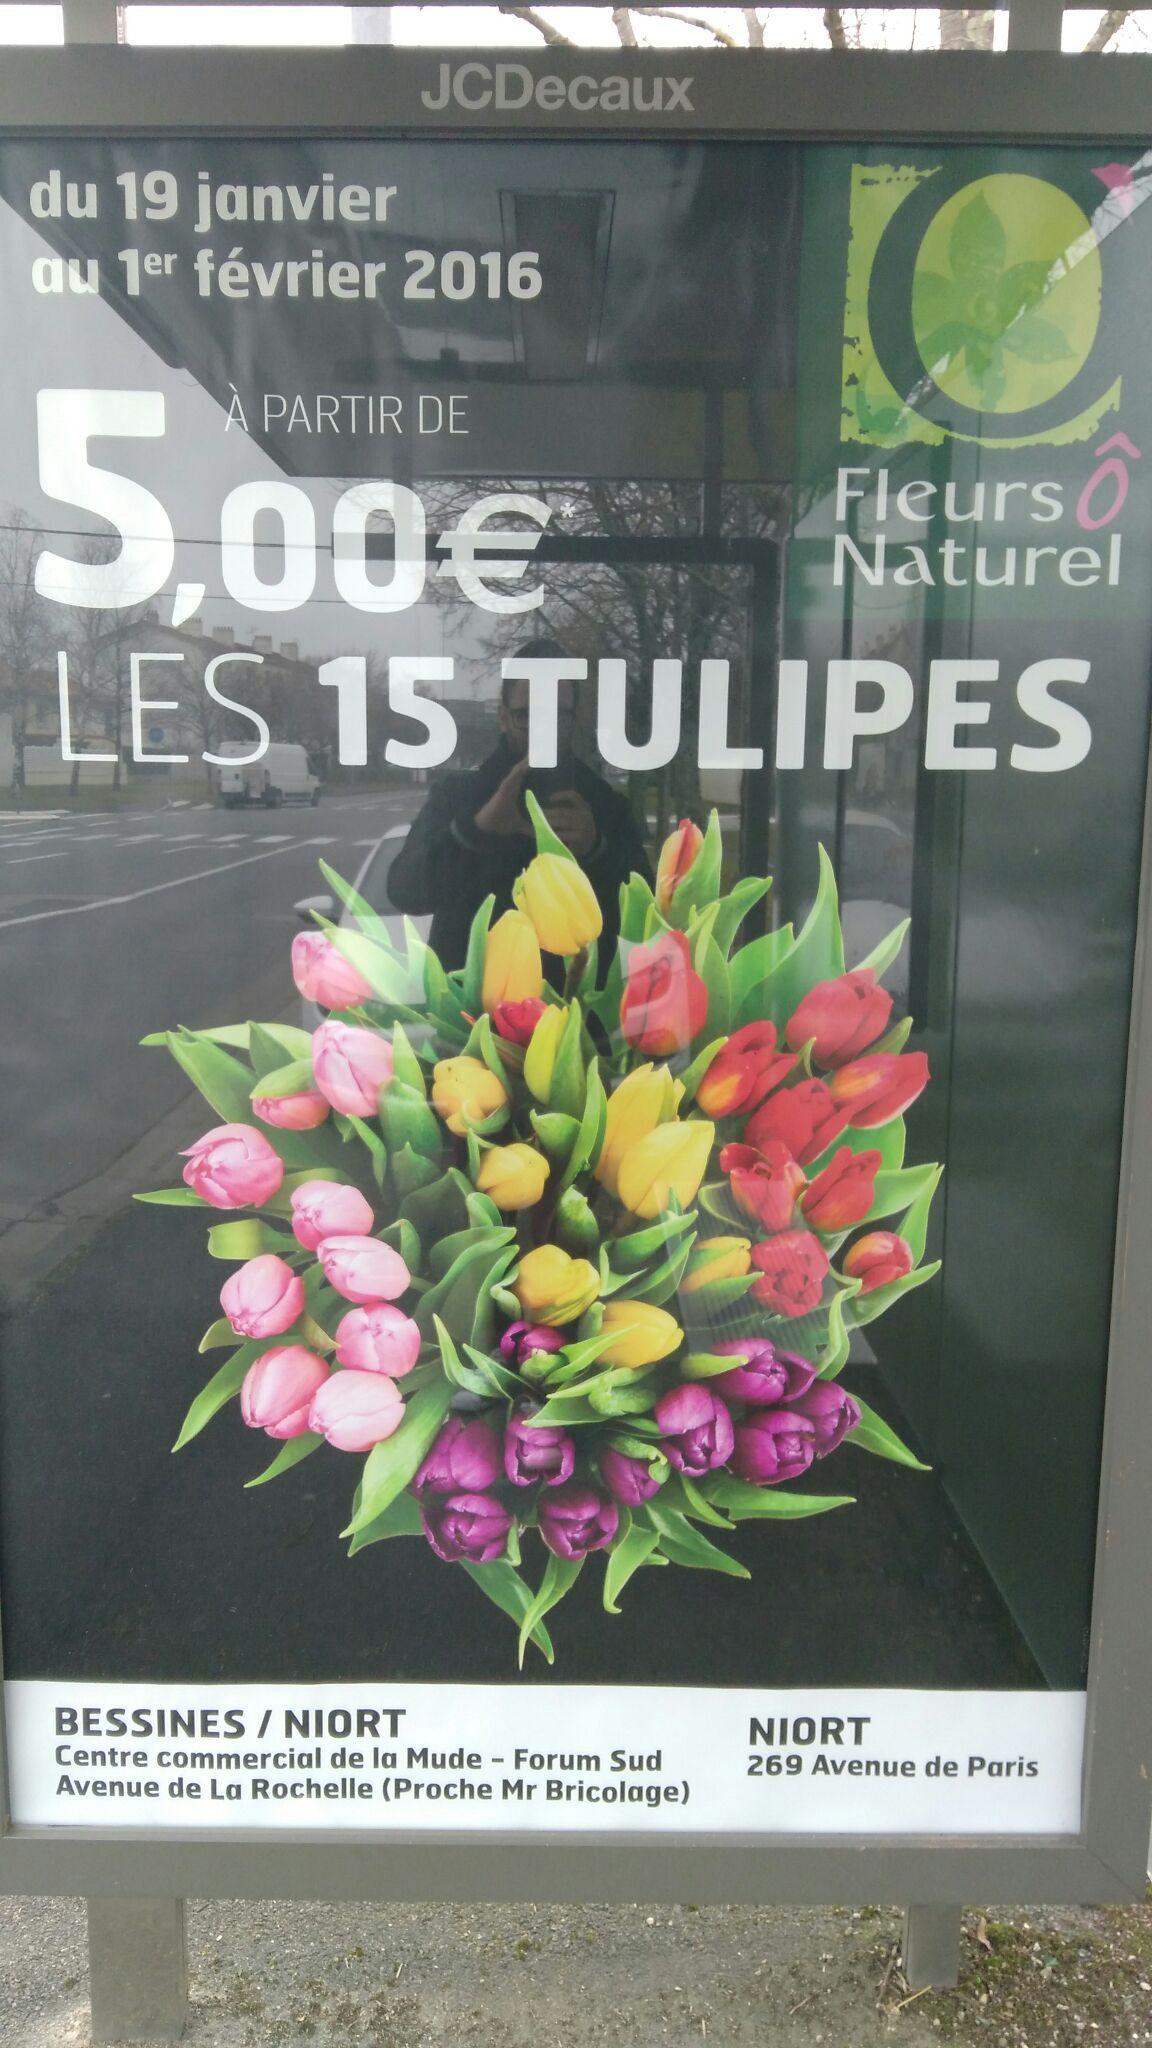 Les 15 Tulipes